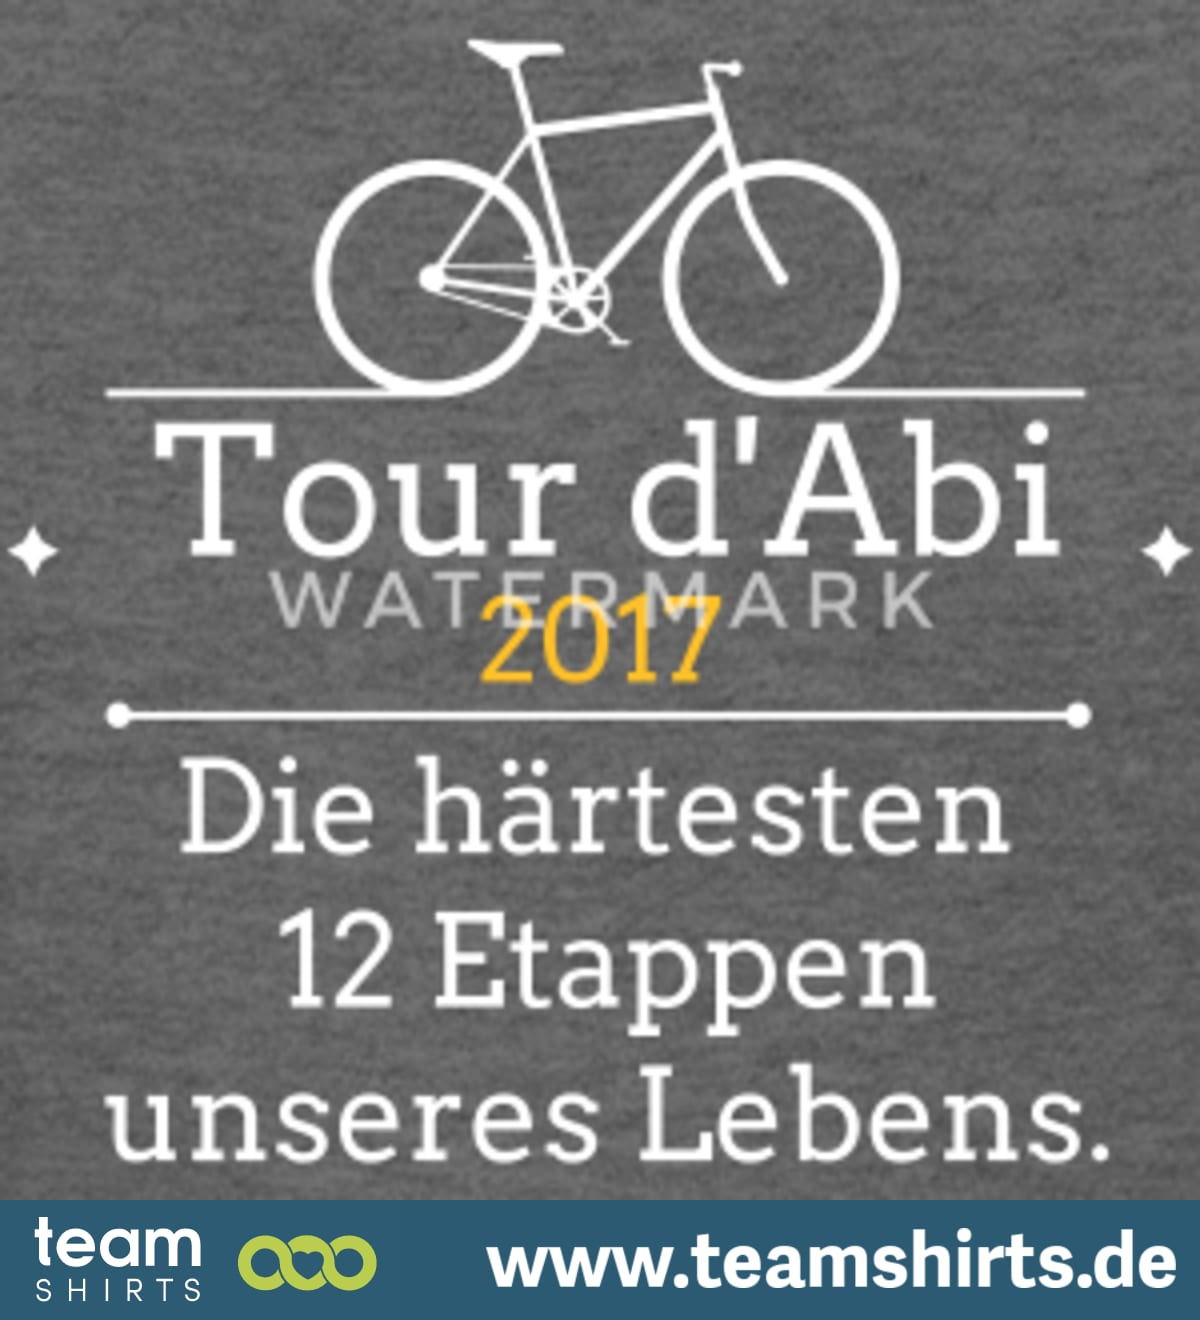 ABI TOUR